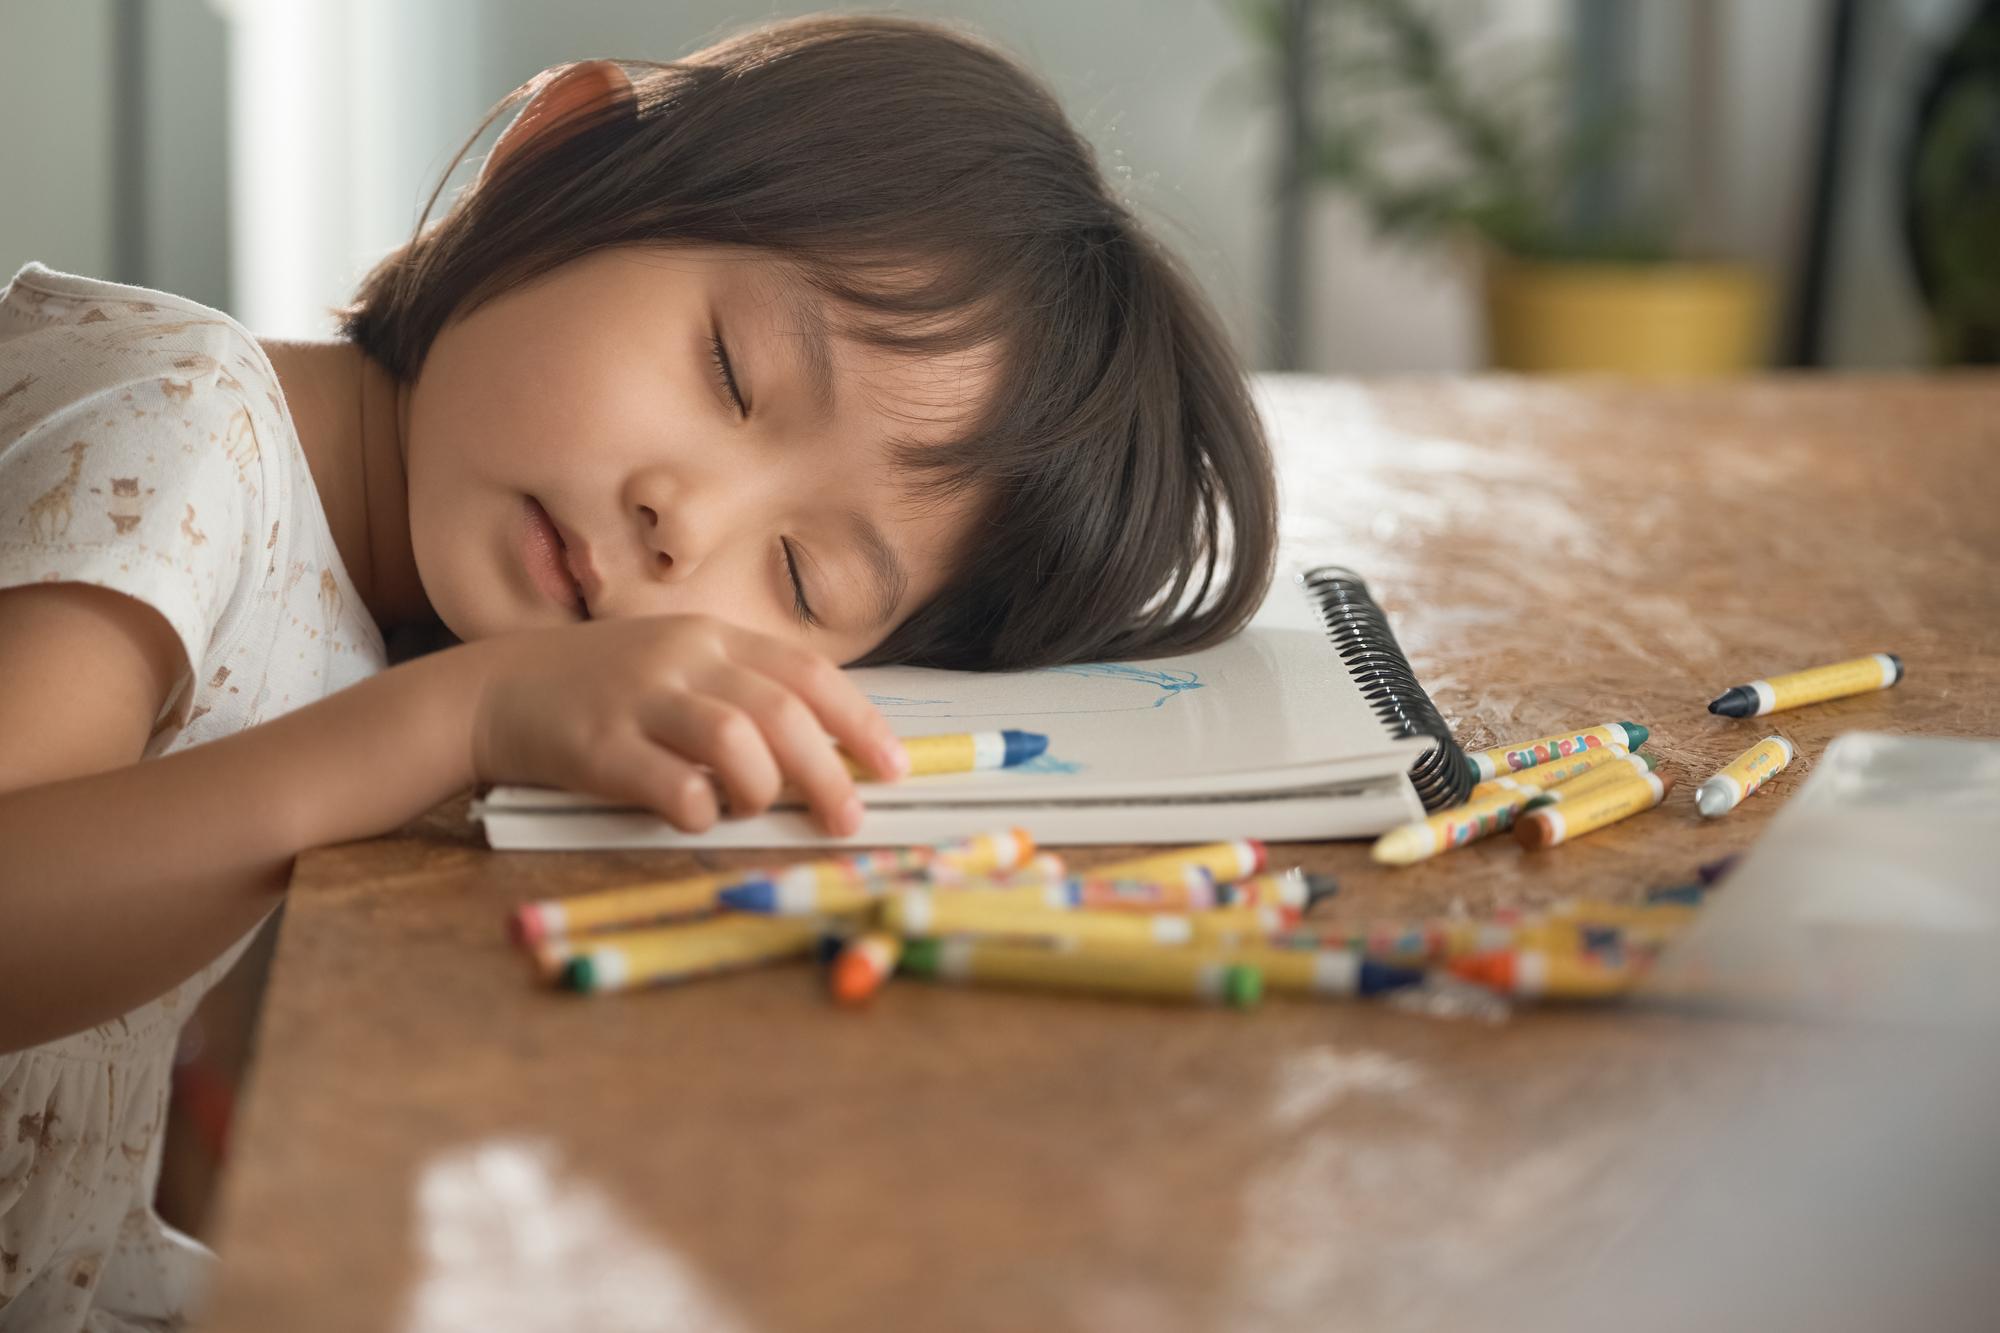 【医師解説】ナルコレプシーってなに?子供でも発症する?